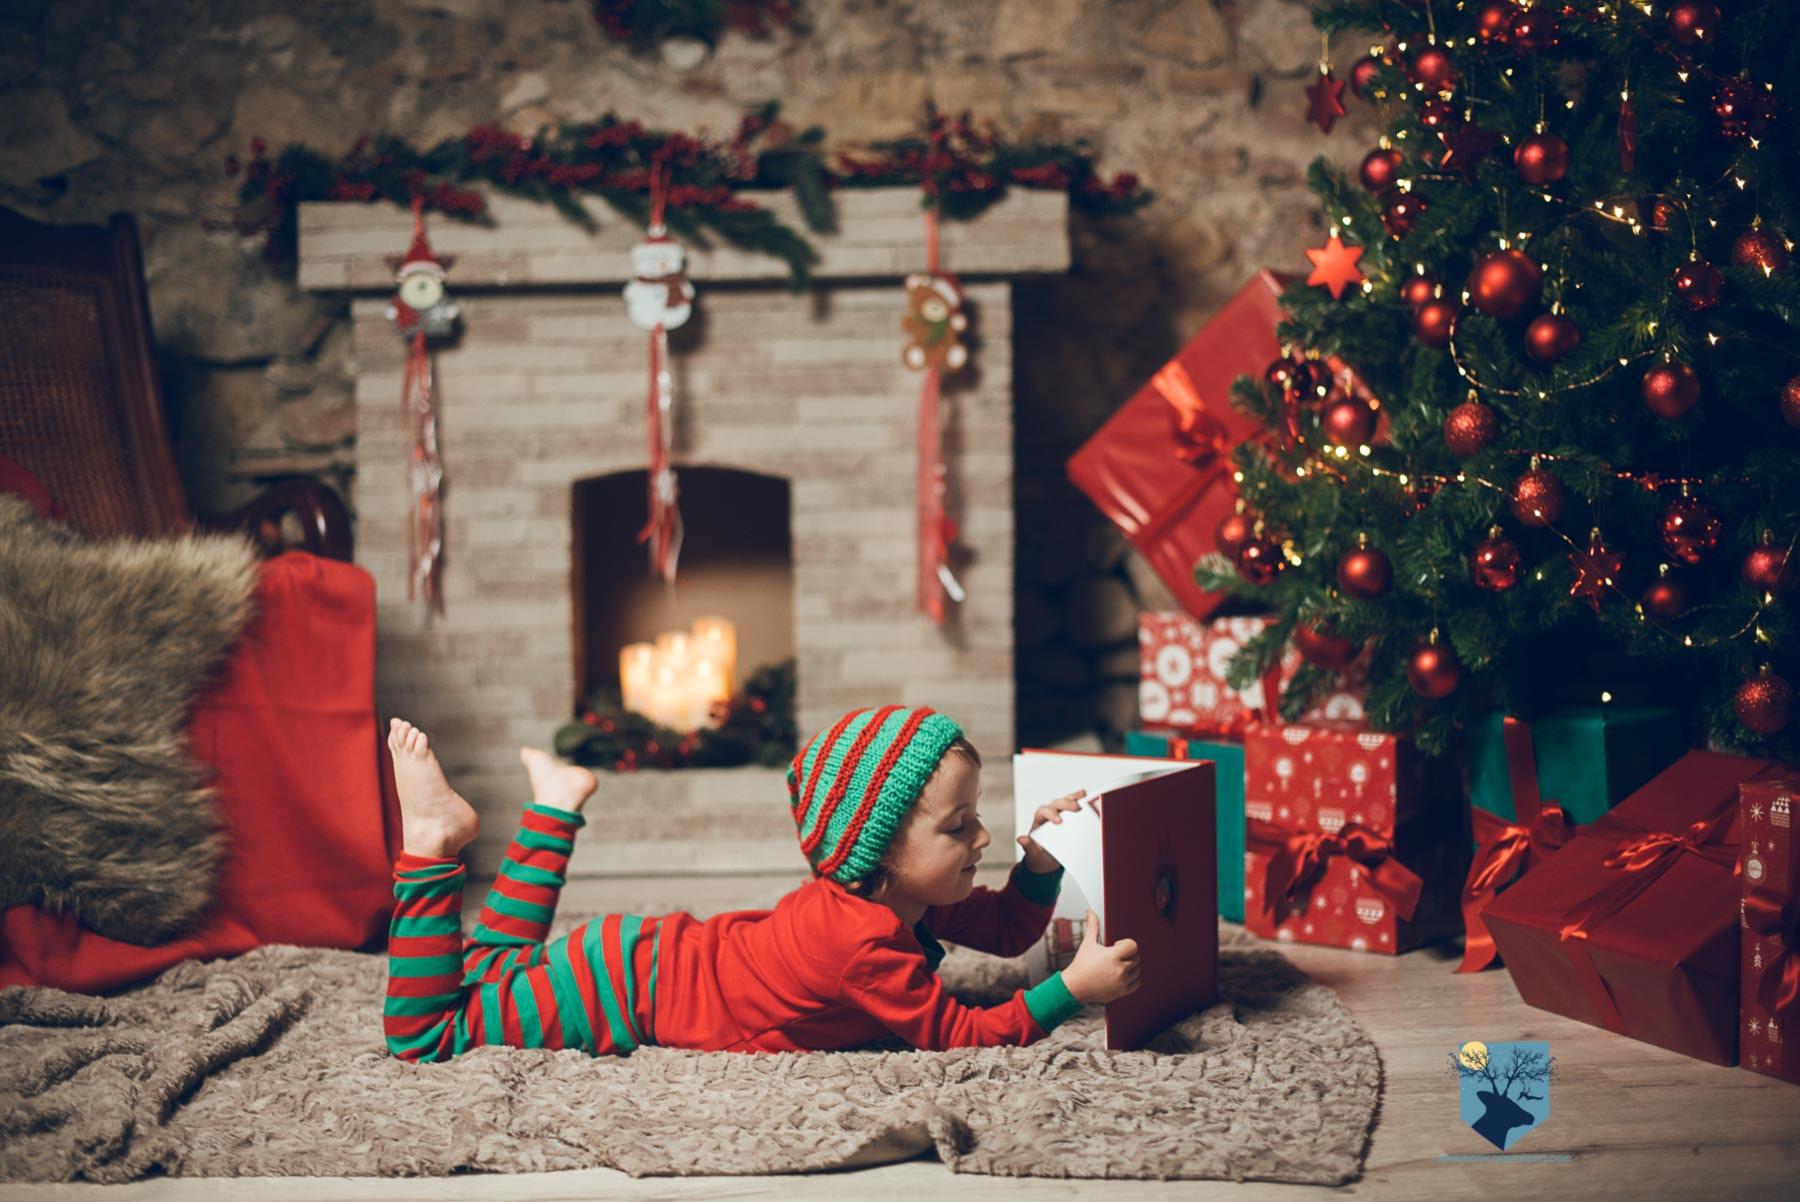 fotografia foto fotografa estudio estudi figueres girona familia nen nena niño niña navidad nadal postal - 1